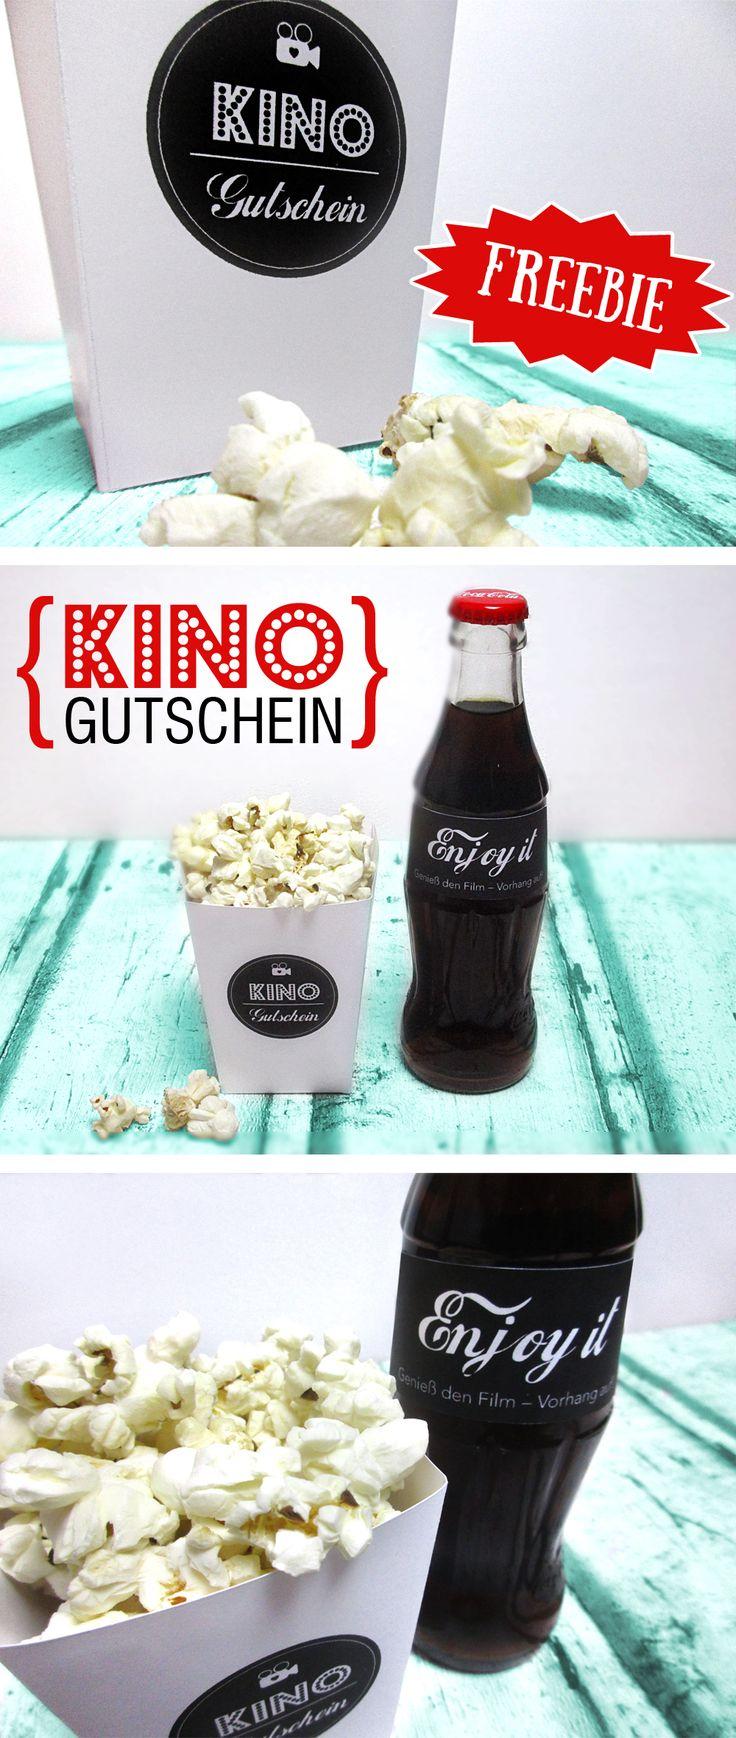 Tolles #Geburtstagsgeschenk: Einen #Kinogutschein verschenken mit einer Popcornbox und einer Cola! Ganz einfach selber basteln mit #Freebies zum Runterladen! #printable